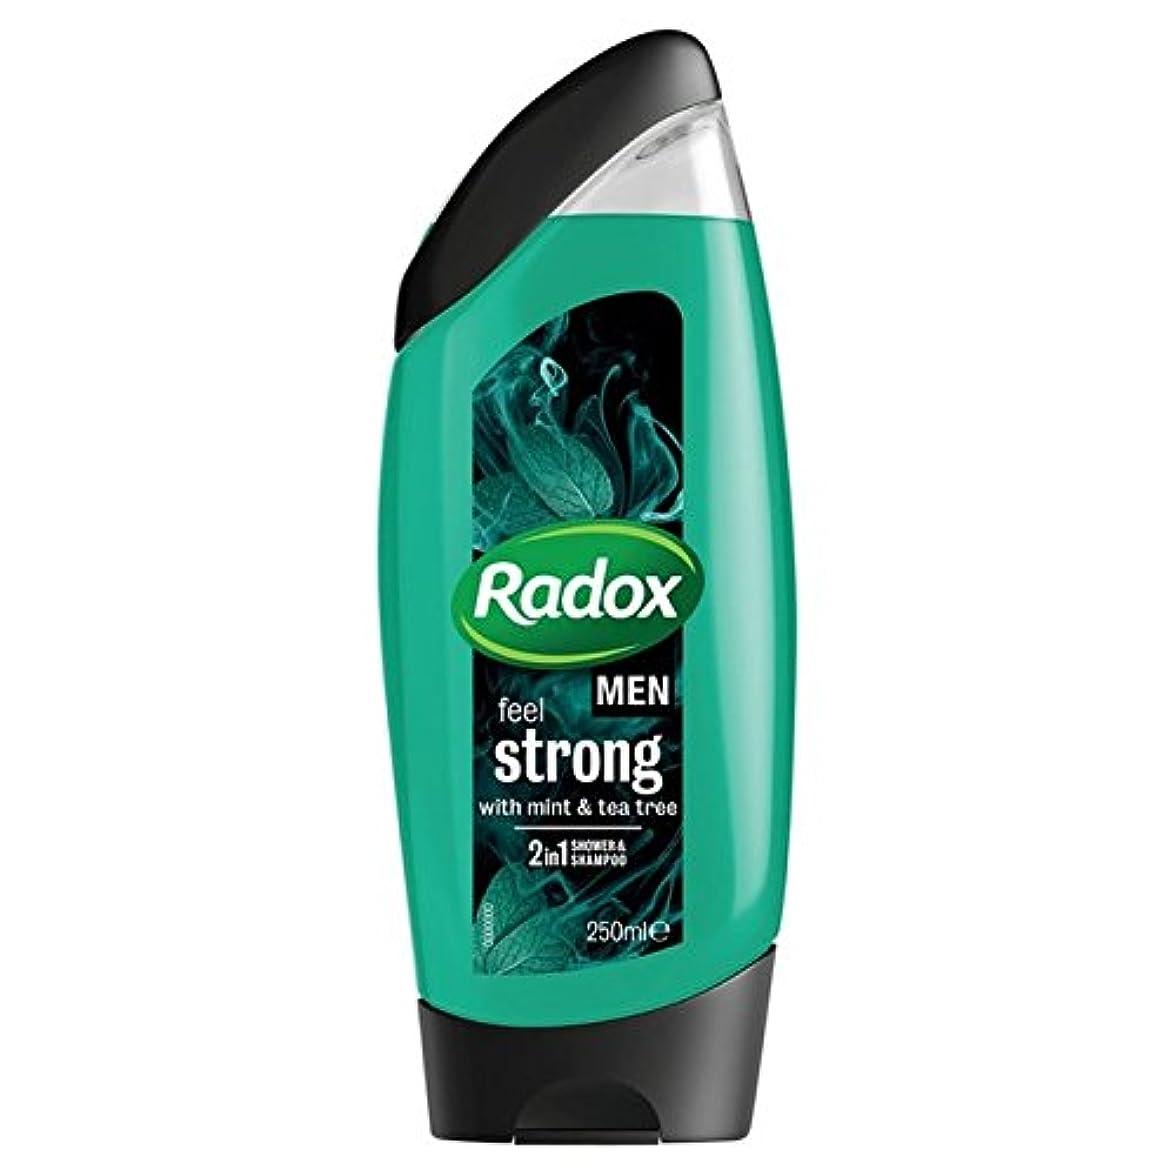 時々時々養う電球男性は、強力なミント&ティーツリーの21のシャワージェル250ミリリットルを感じます x2 - Radox Men Feel Strong Mint & Tea Tree 2in1 Shower Gel 250ml (Pack of 2) [並行輸入品]